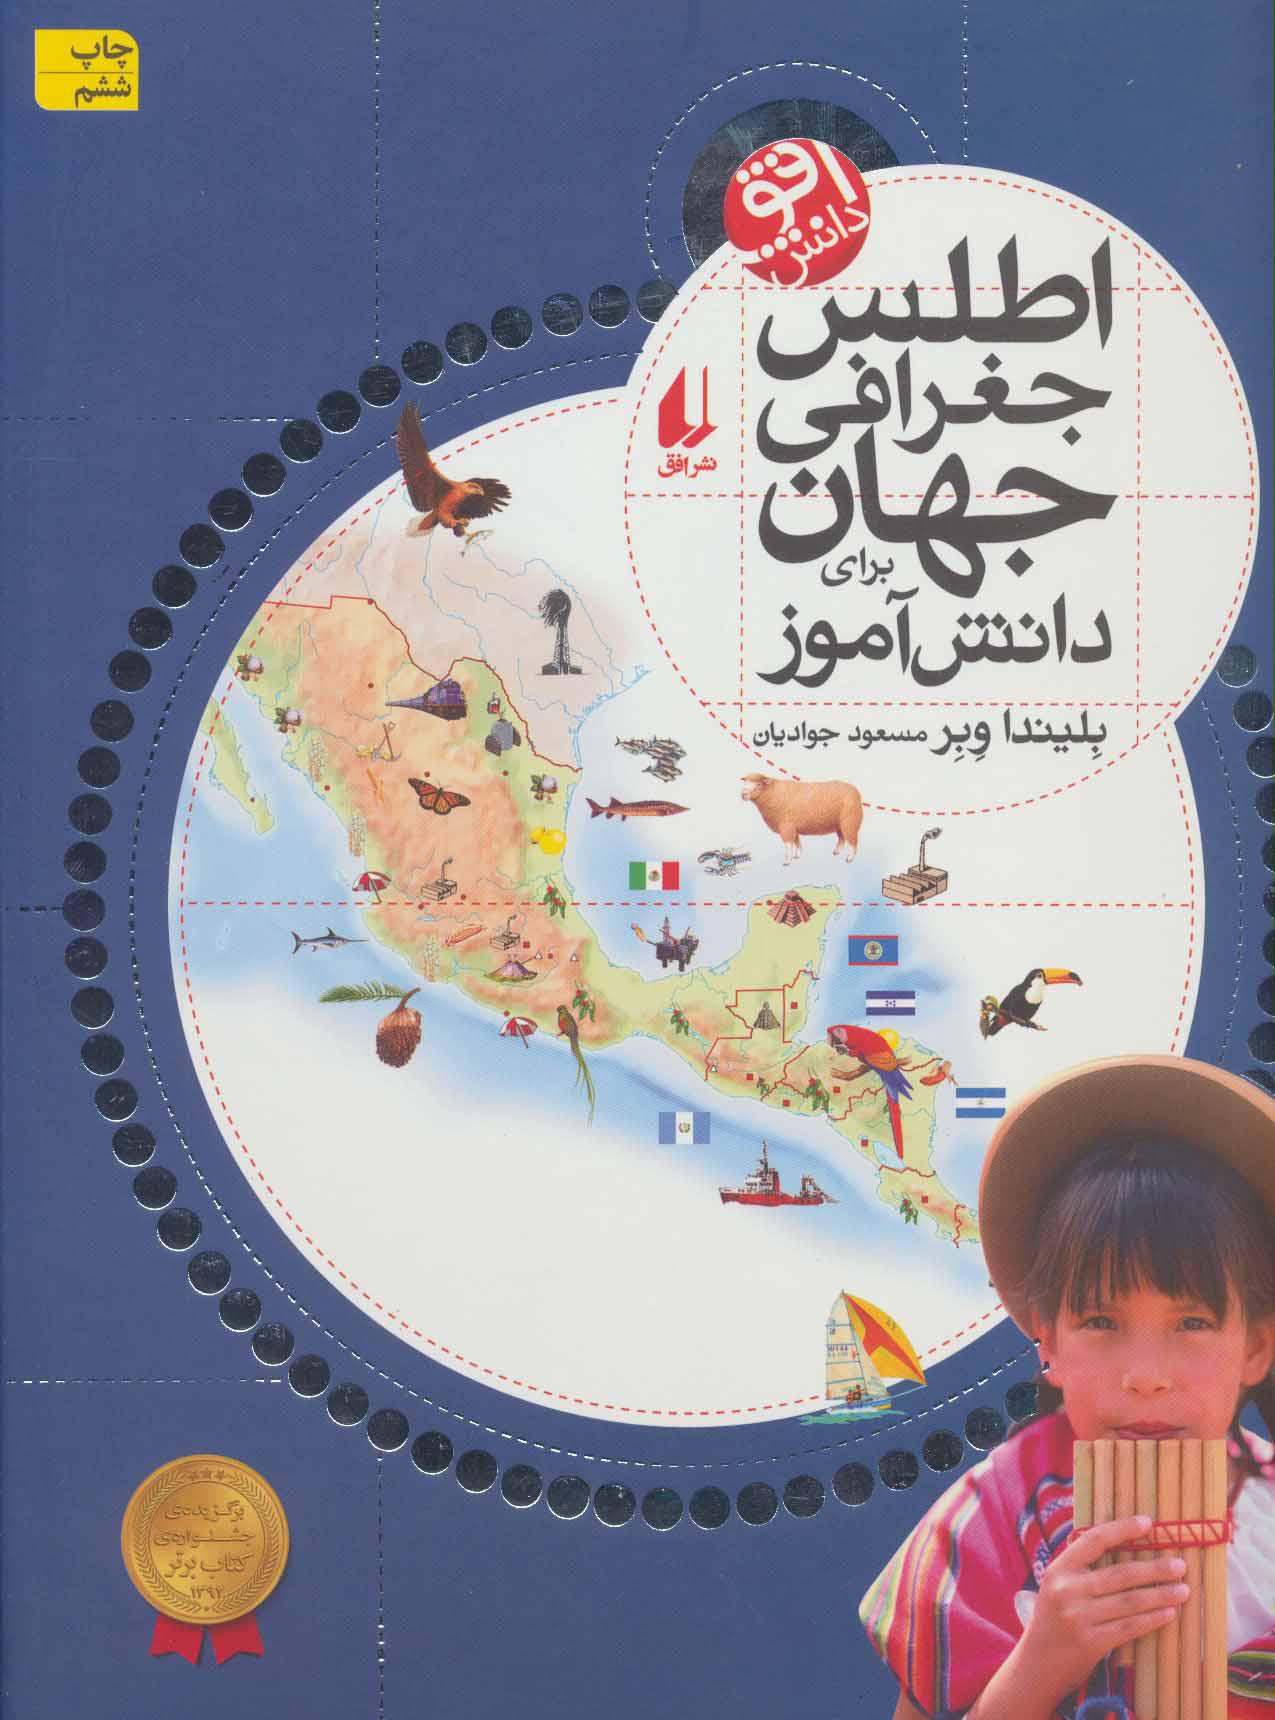 کتاب اطلس جغرافی جهان